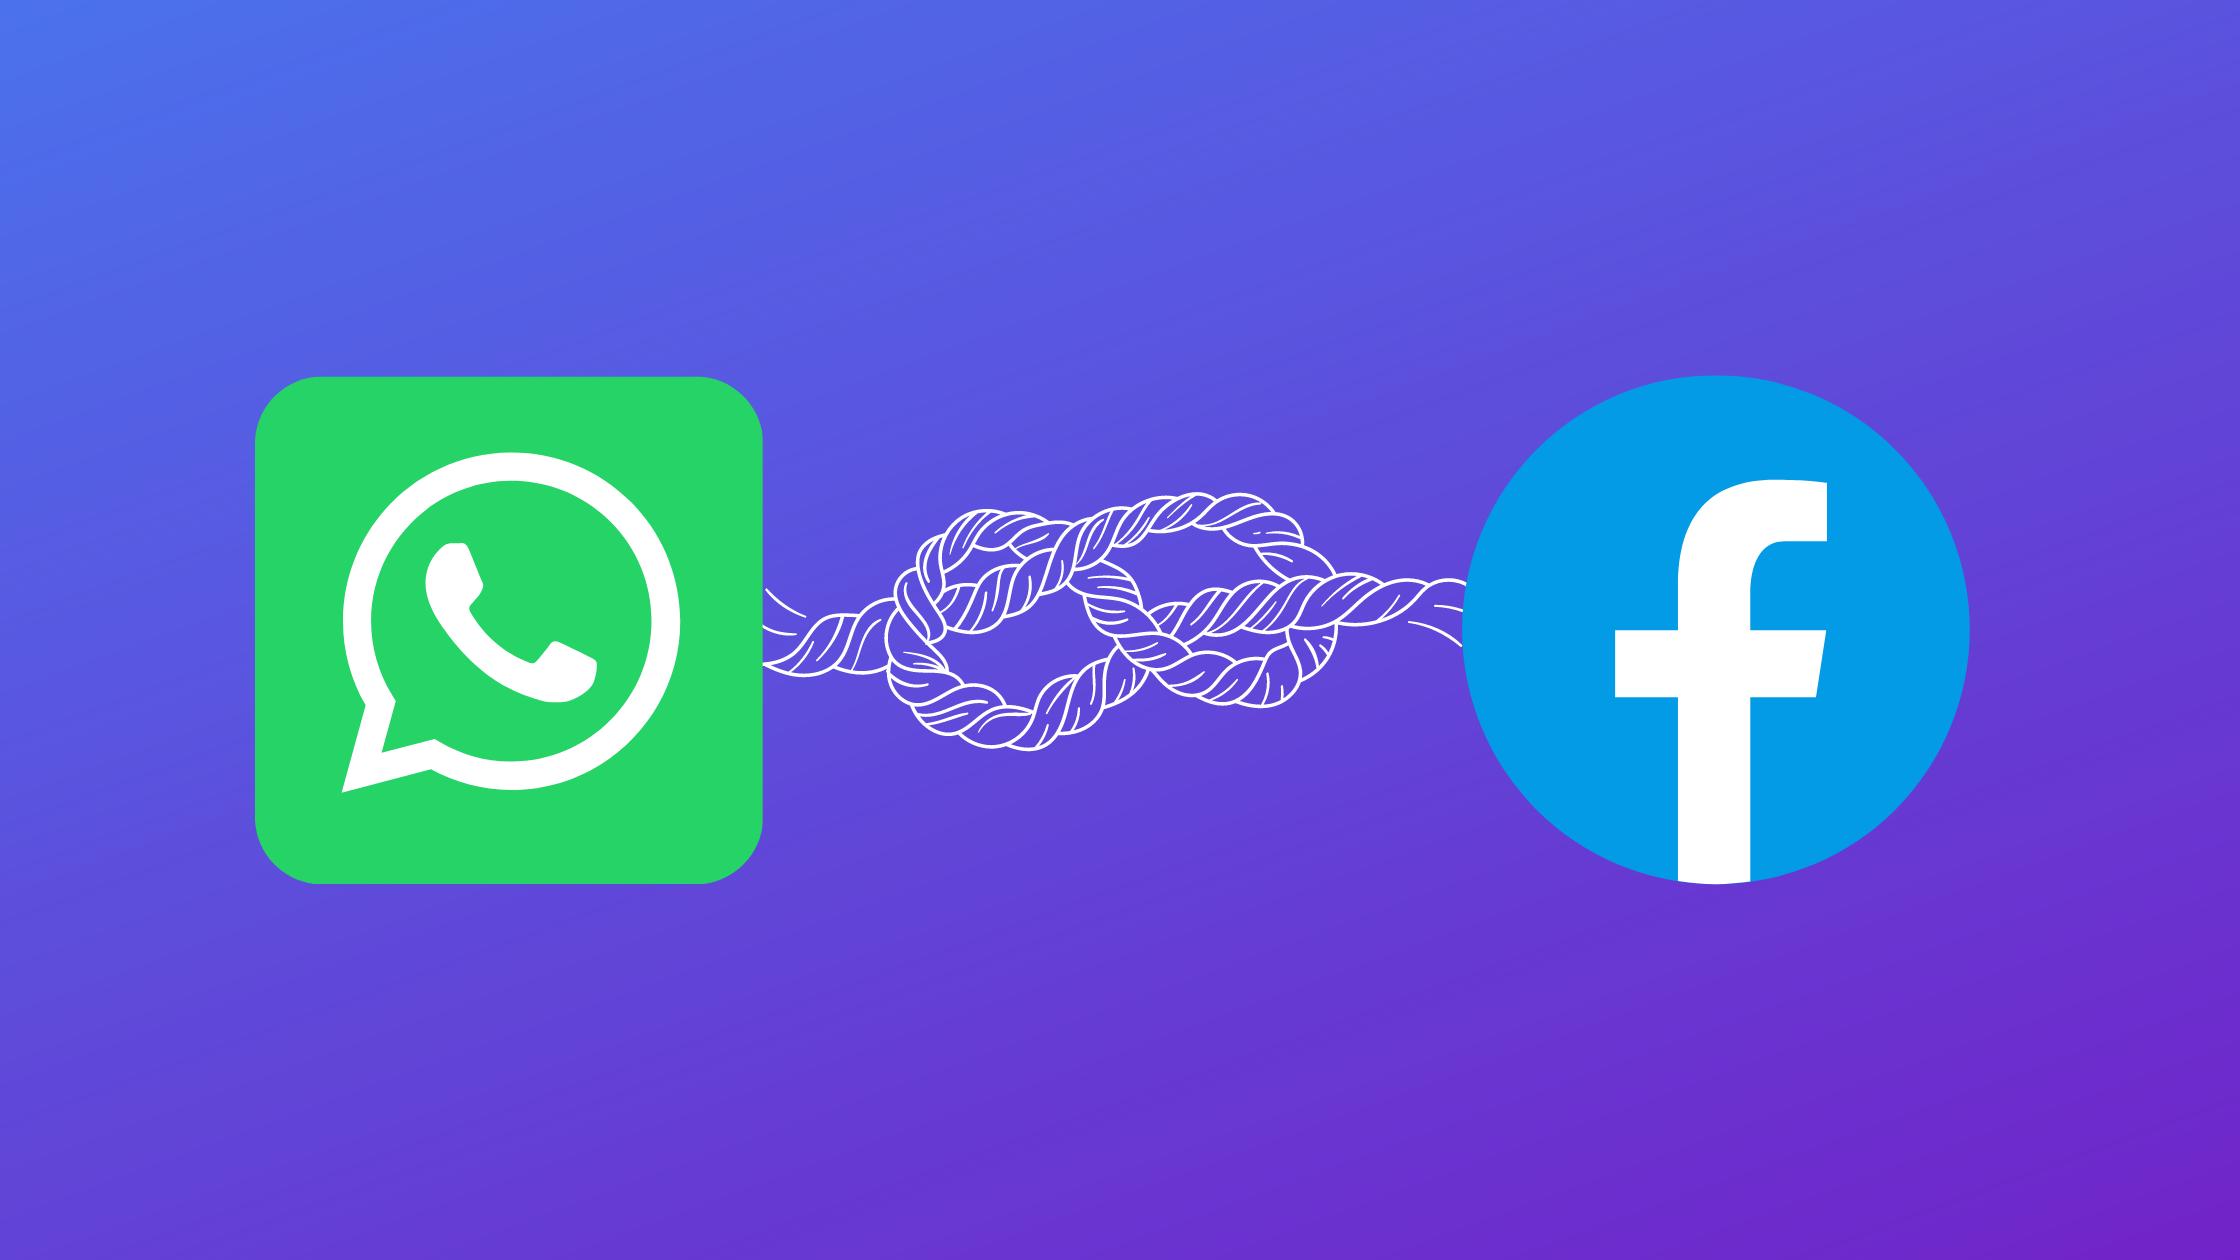 Consigli strategici da applicare subito: Facebook Ads e WhatsApp